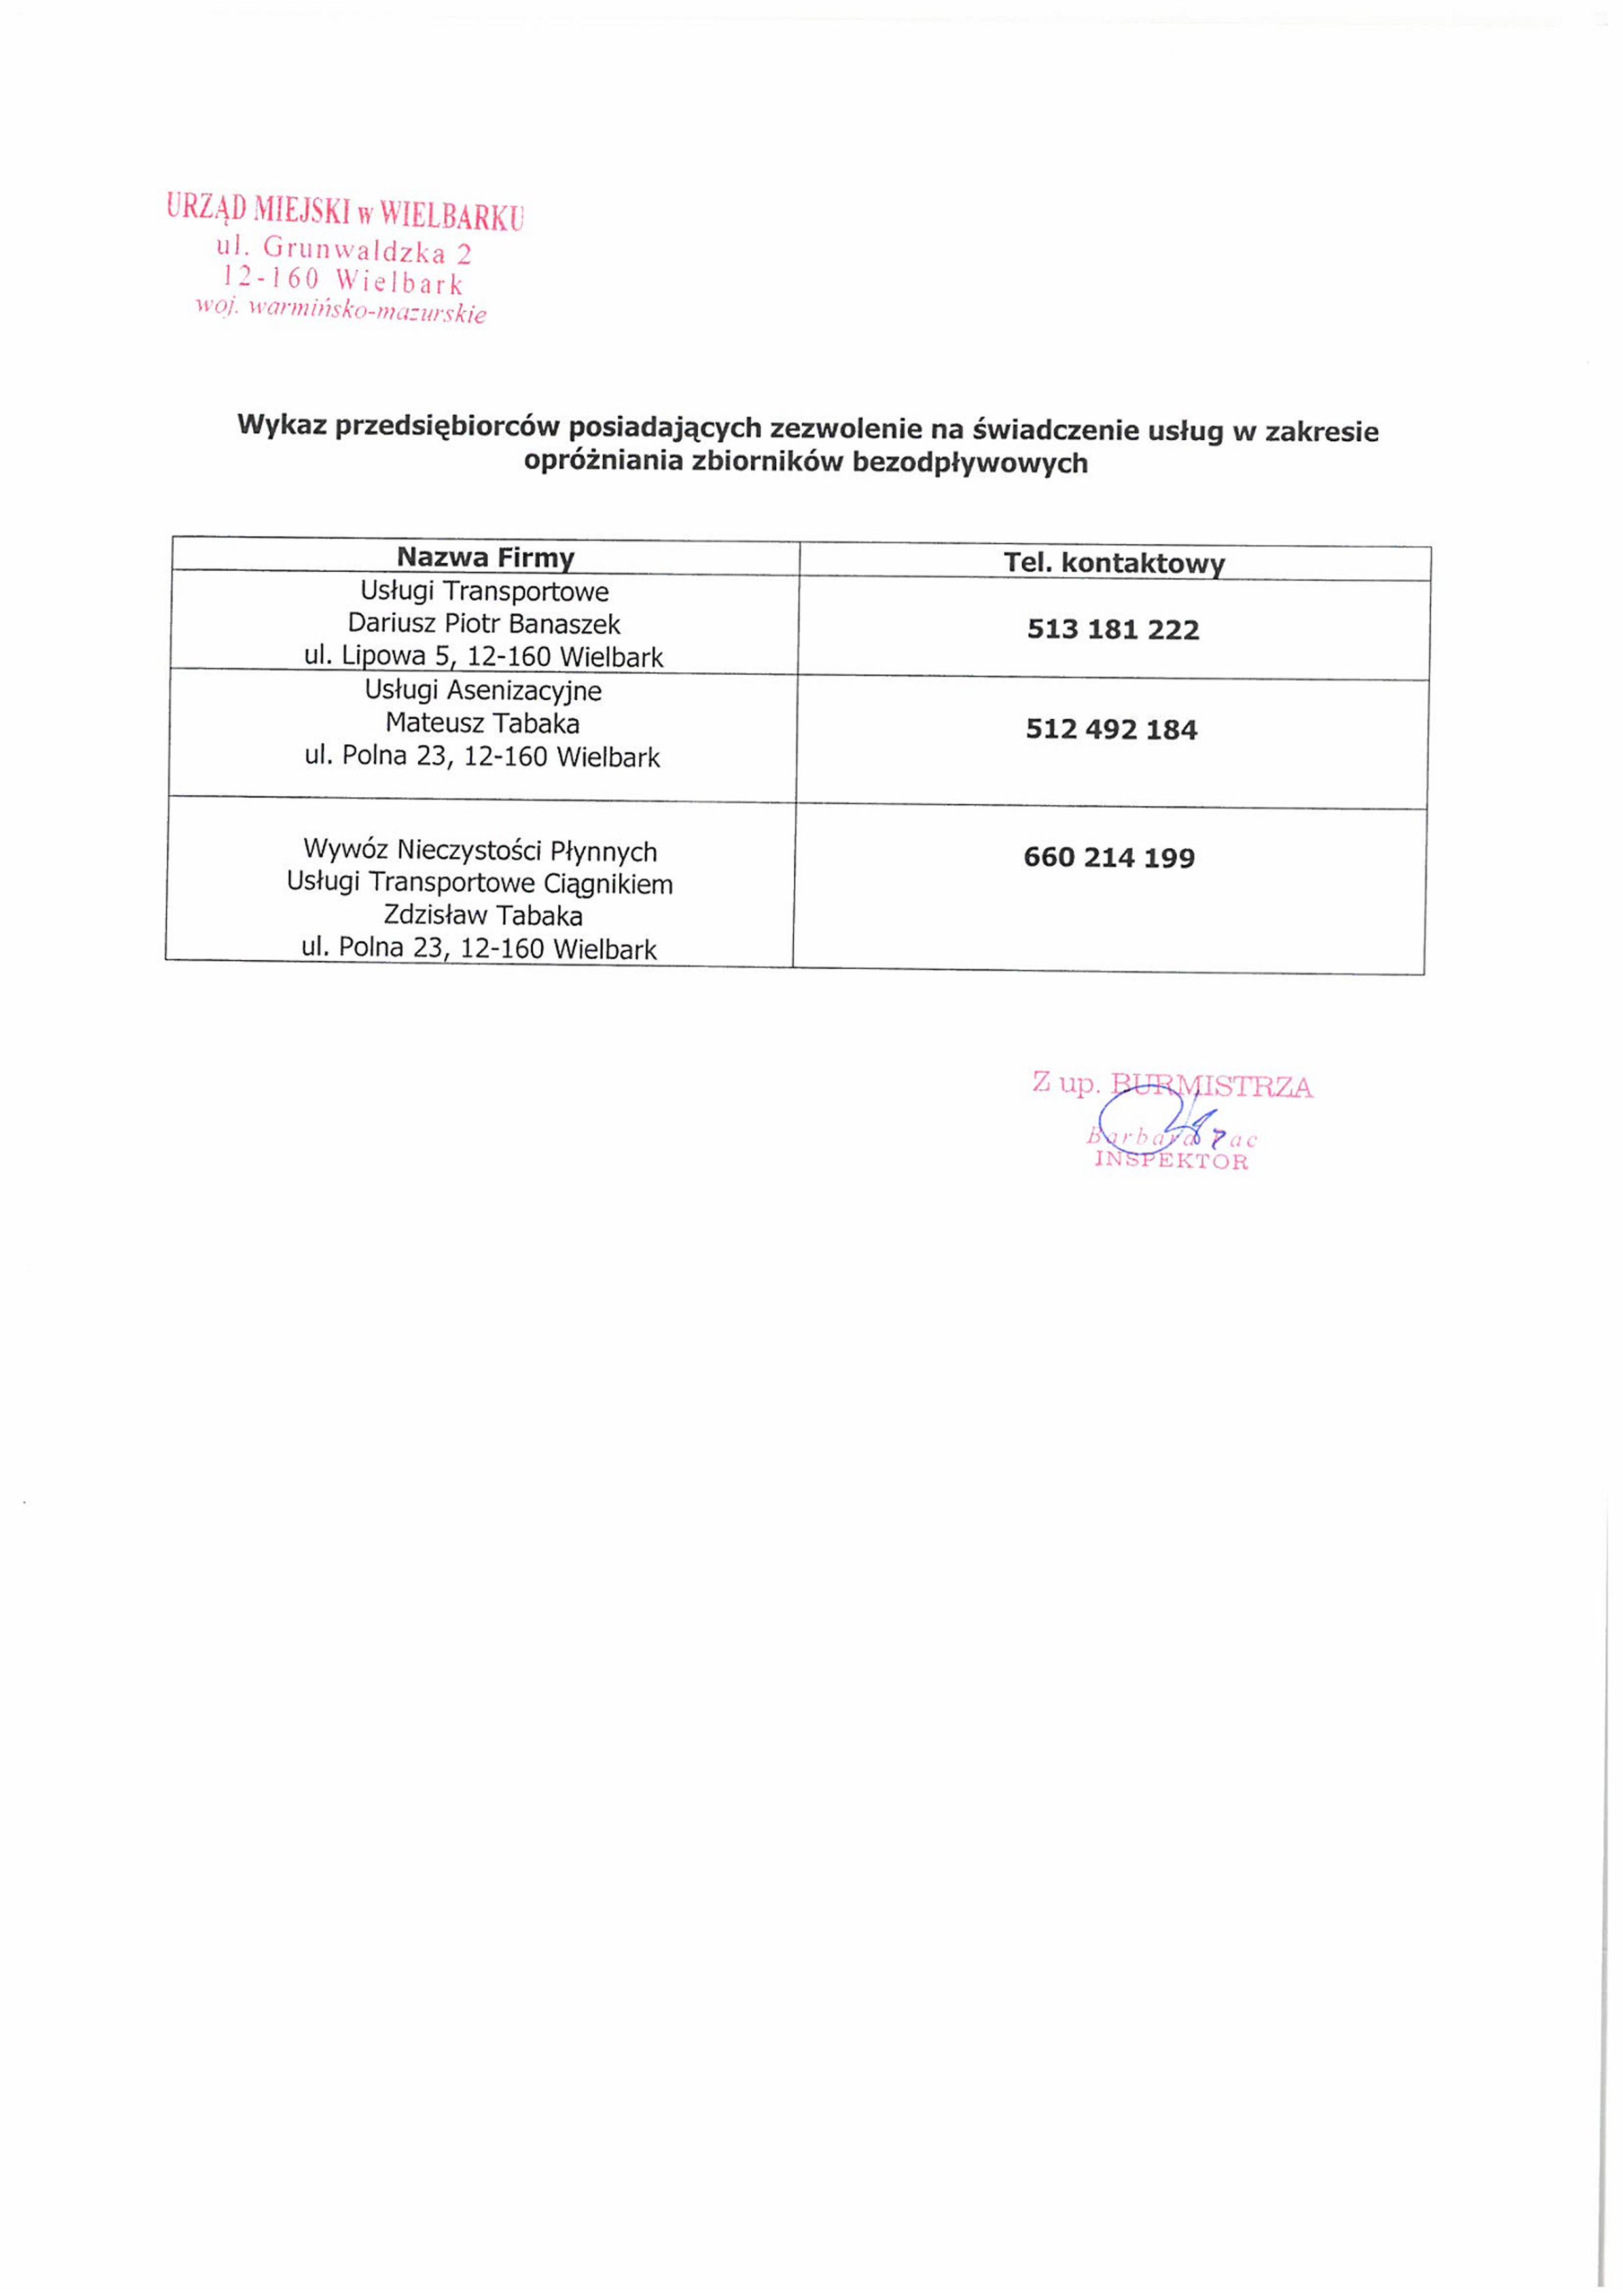 https://m.powiatszczycienski.pl/2019/05/orig/wykaz-przedsiebiorcow-posiadajacych-zezwolenie-na-swiadczenie-uslug-w-zakresie-oprozniania-zbiornikow-bezodplywowych-23003.jpg